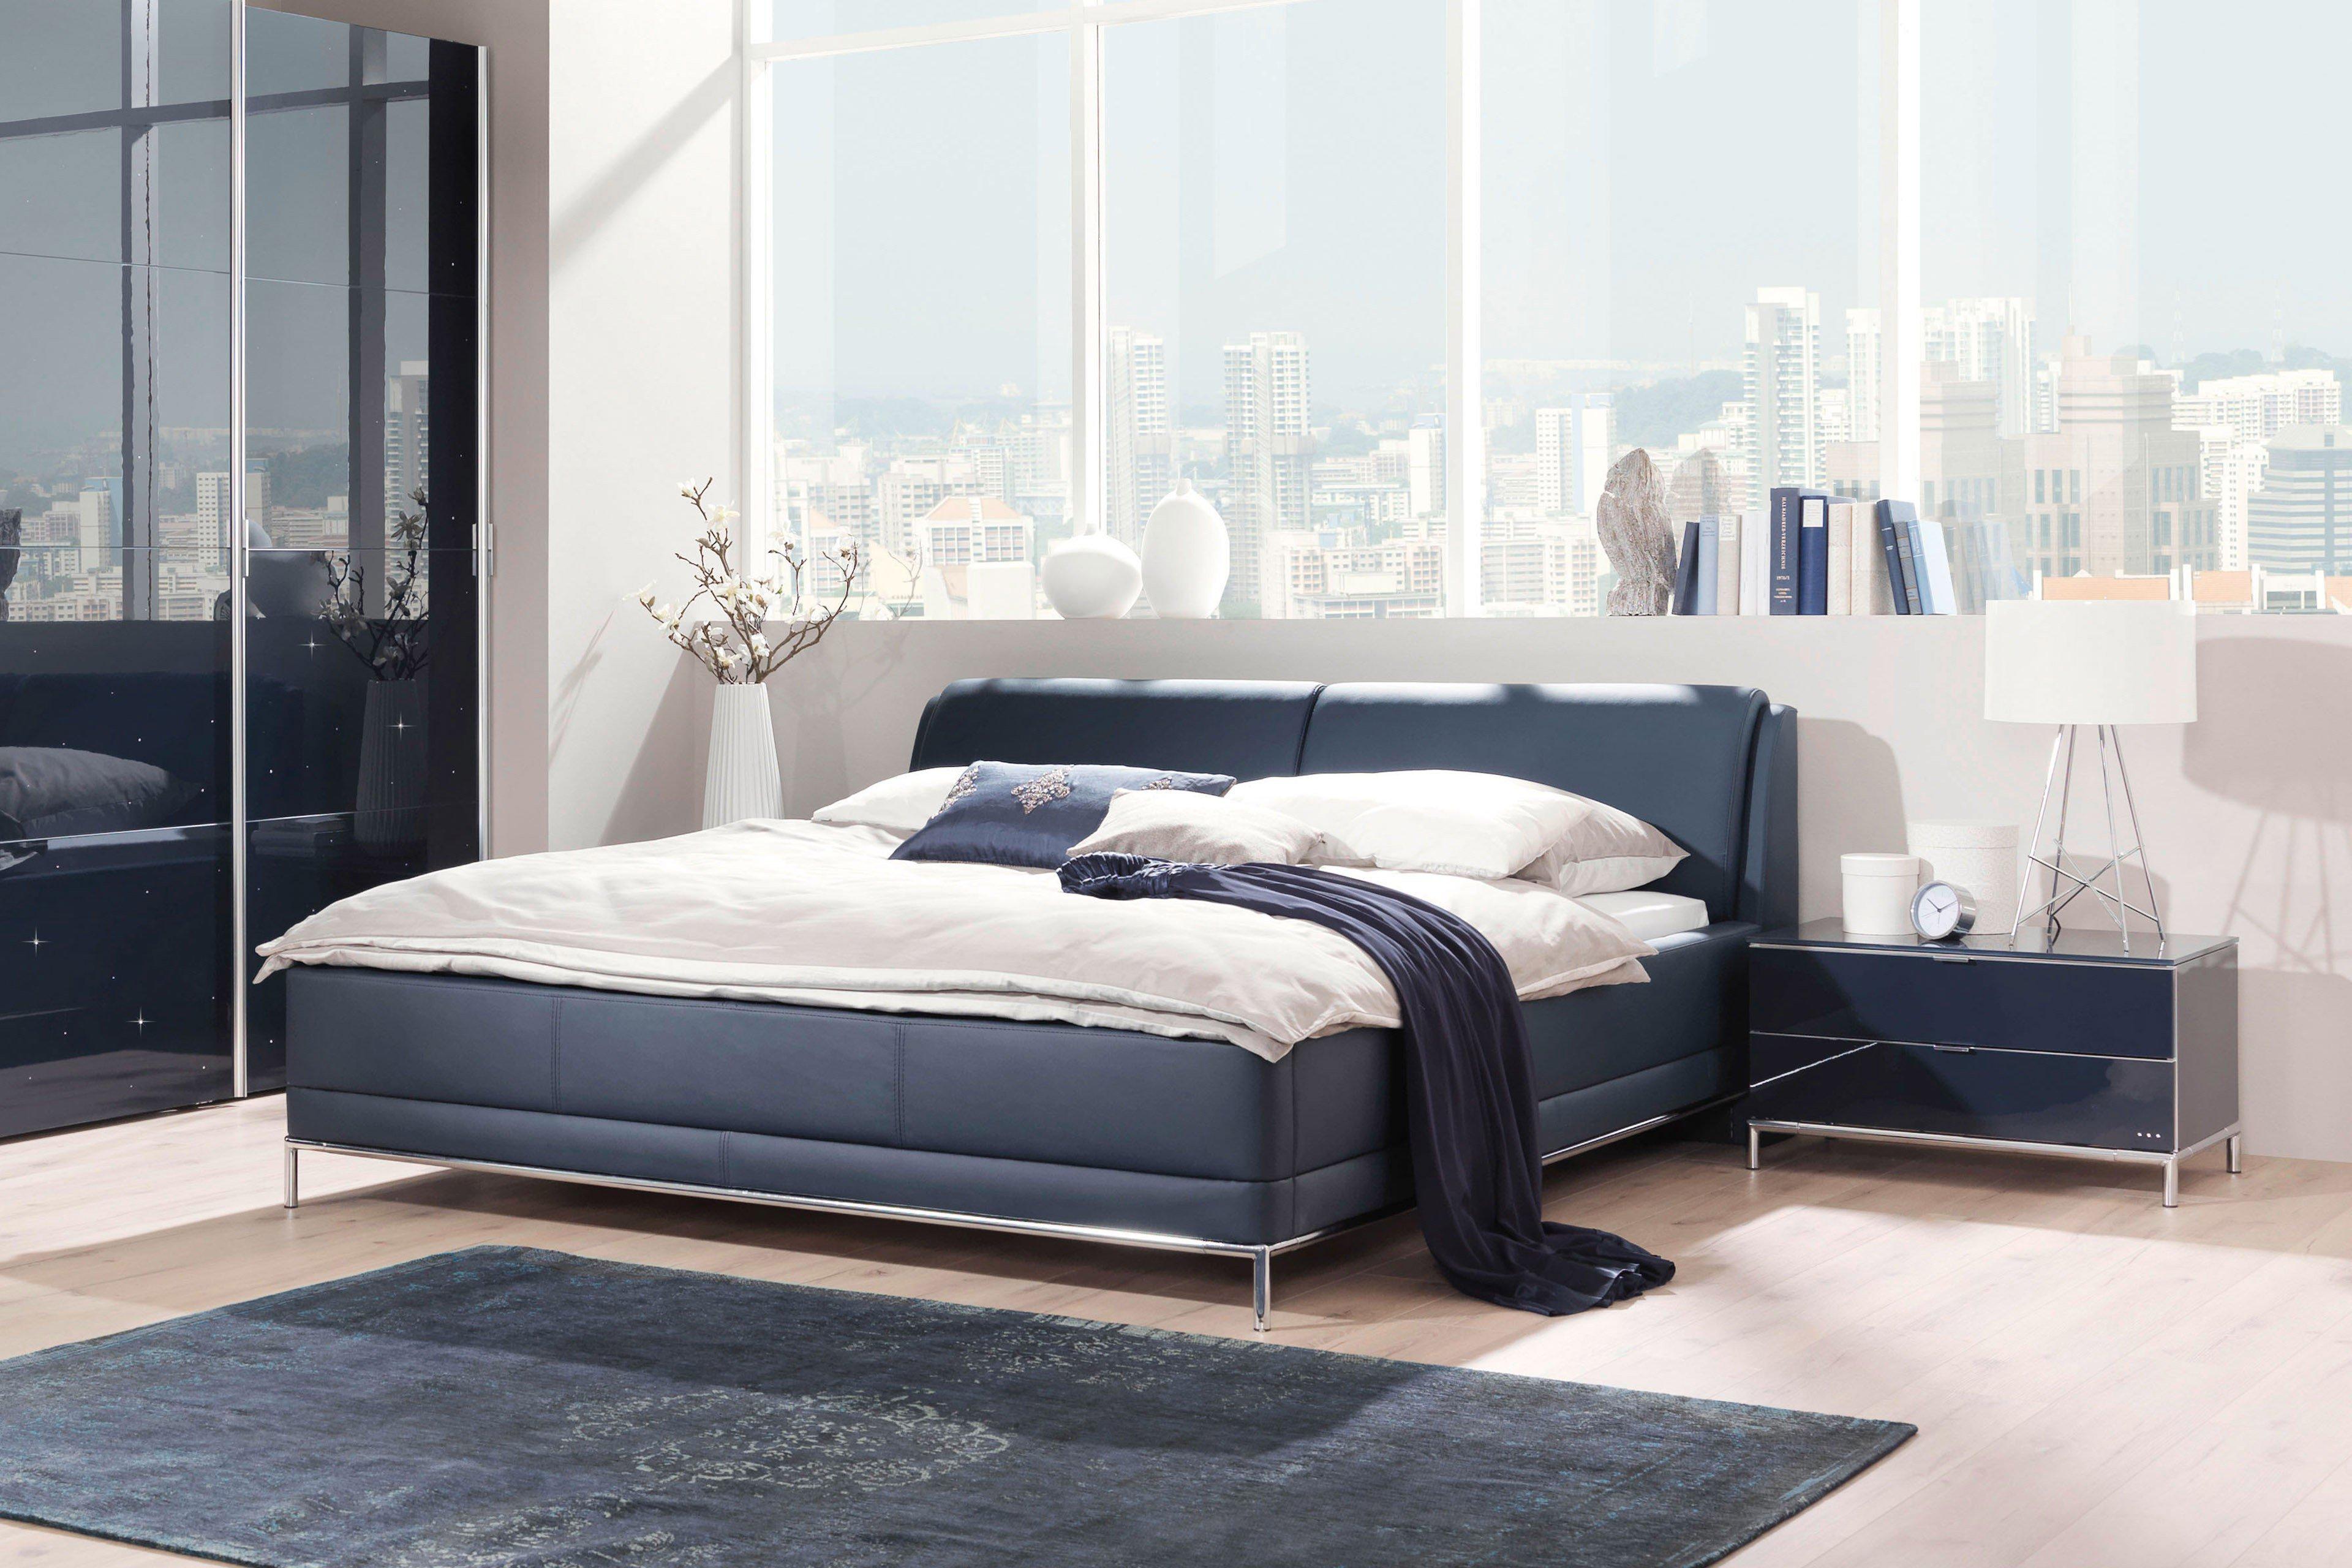 welle mood polsterbett kunstleder blau m bel letz ihr online shop. Black Bedroom Furniture Sets. Home Design Ideas